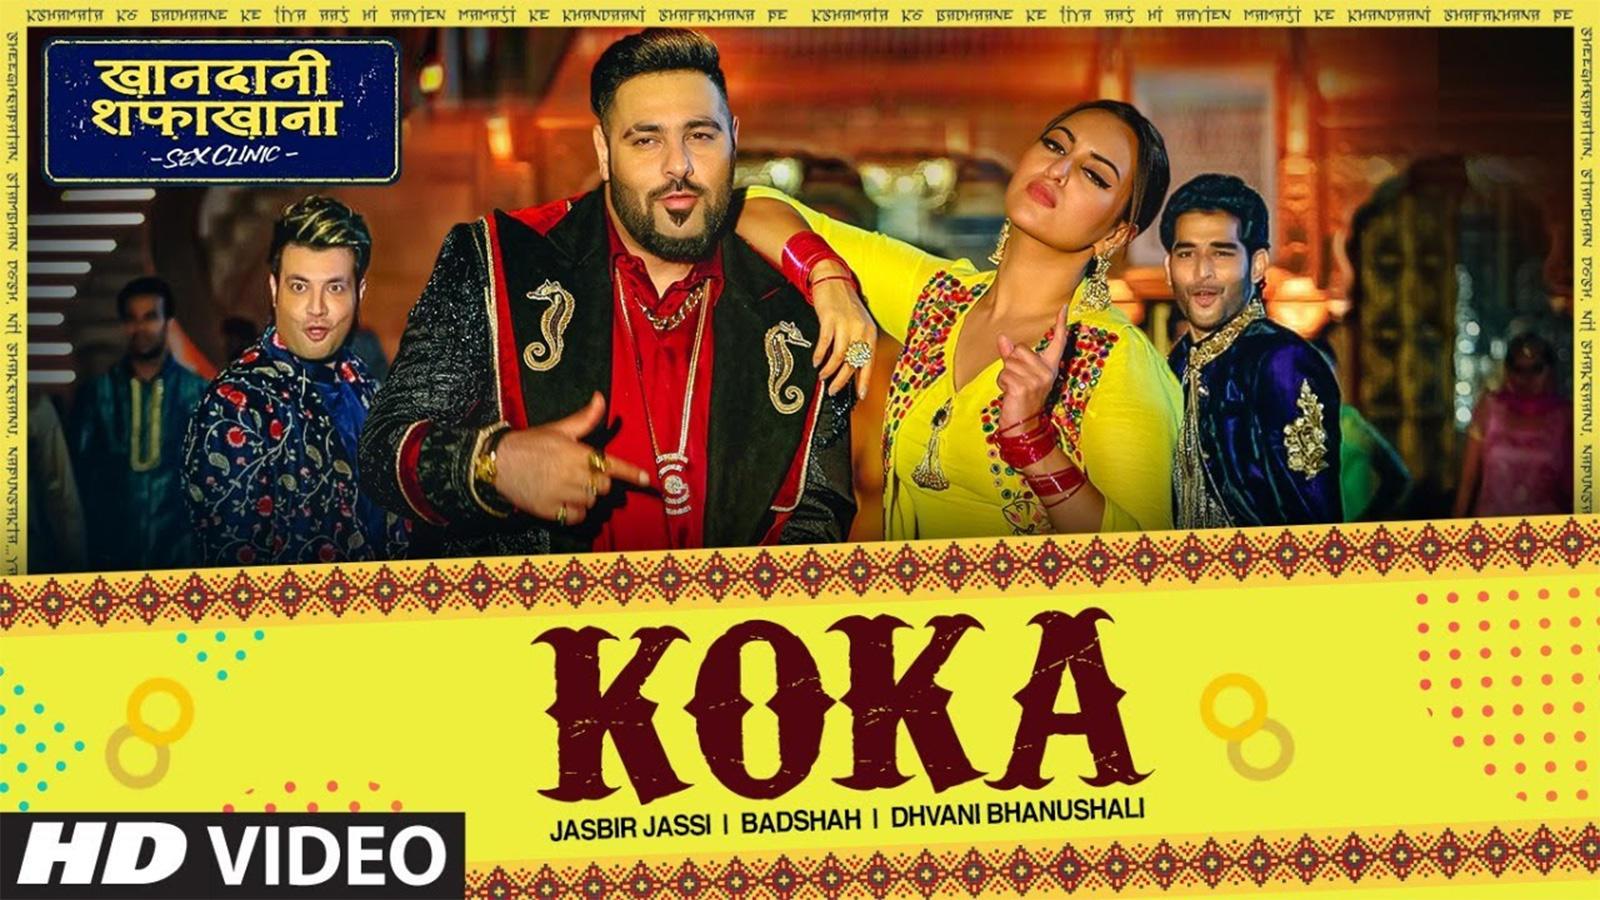 Khandaani Shafakhana | Song - Koka